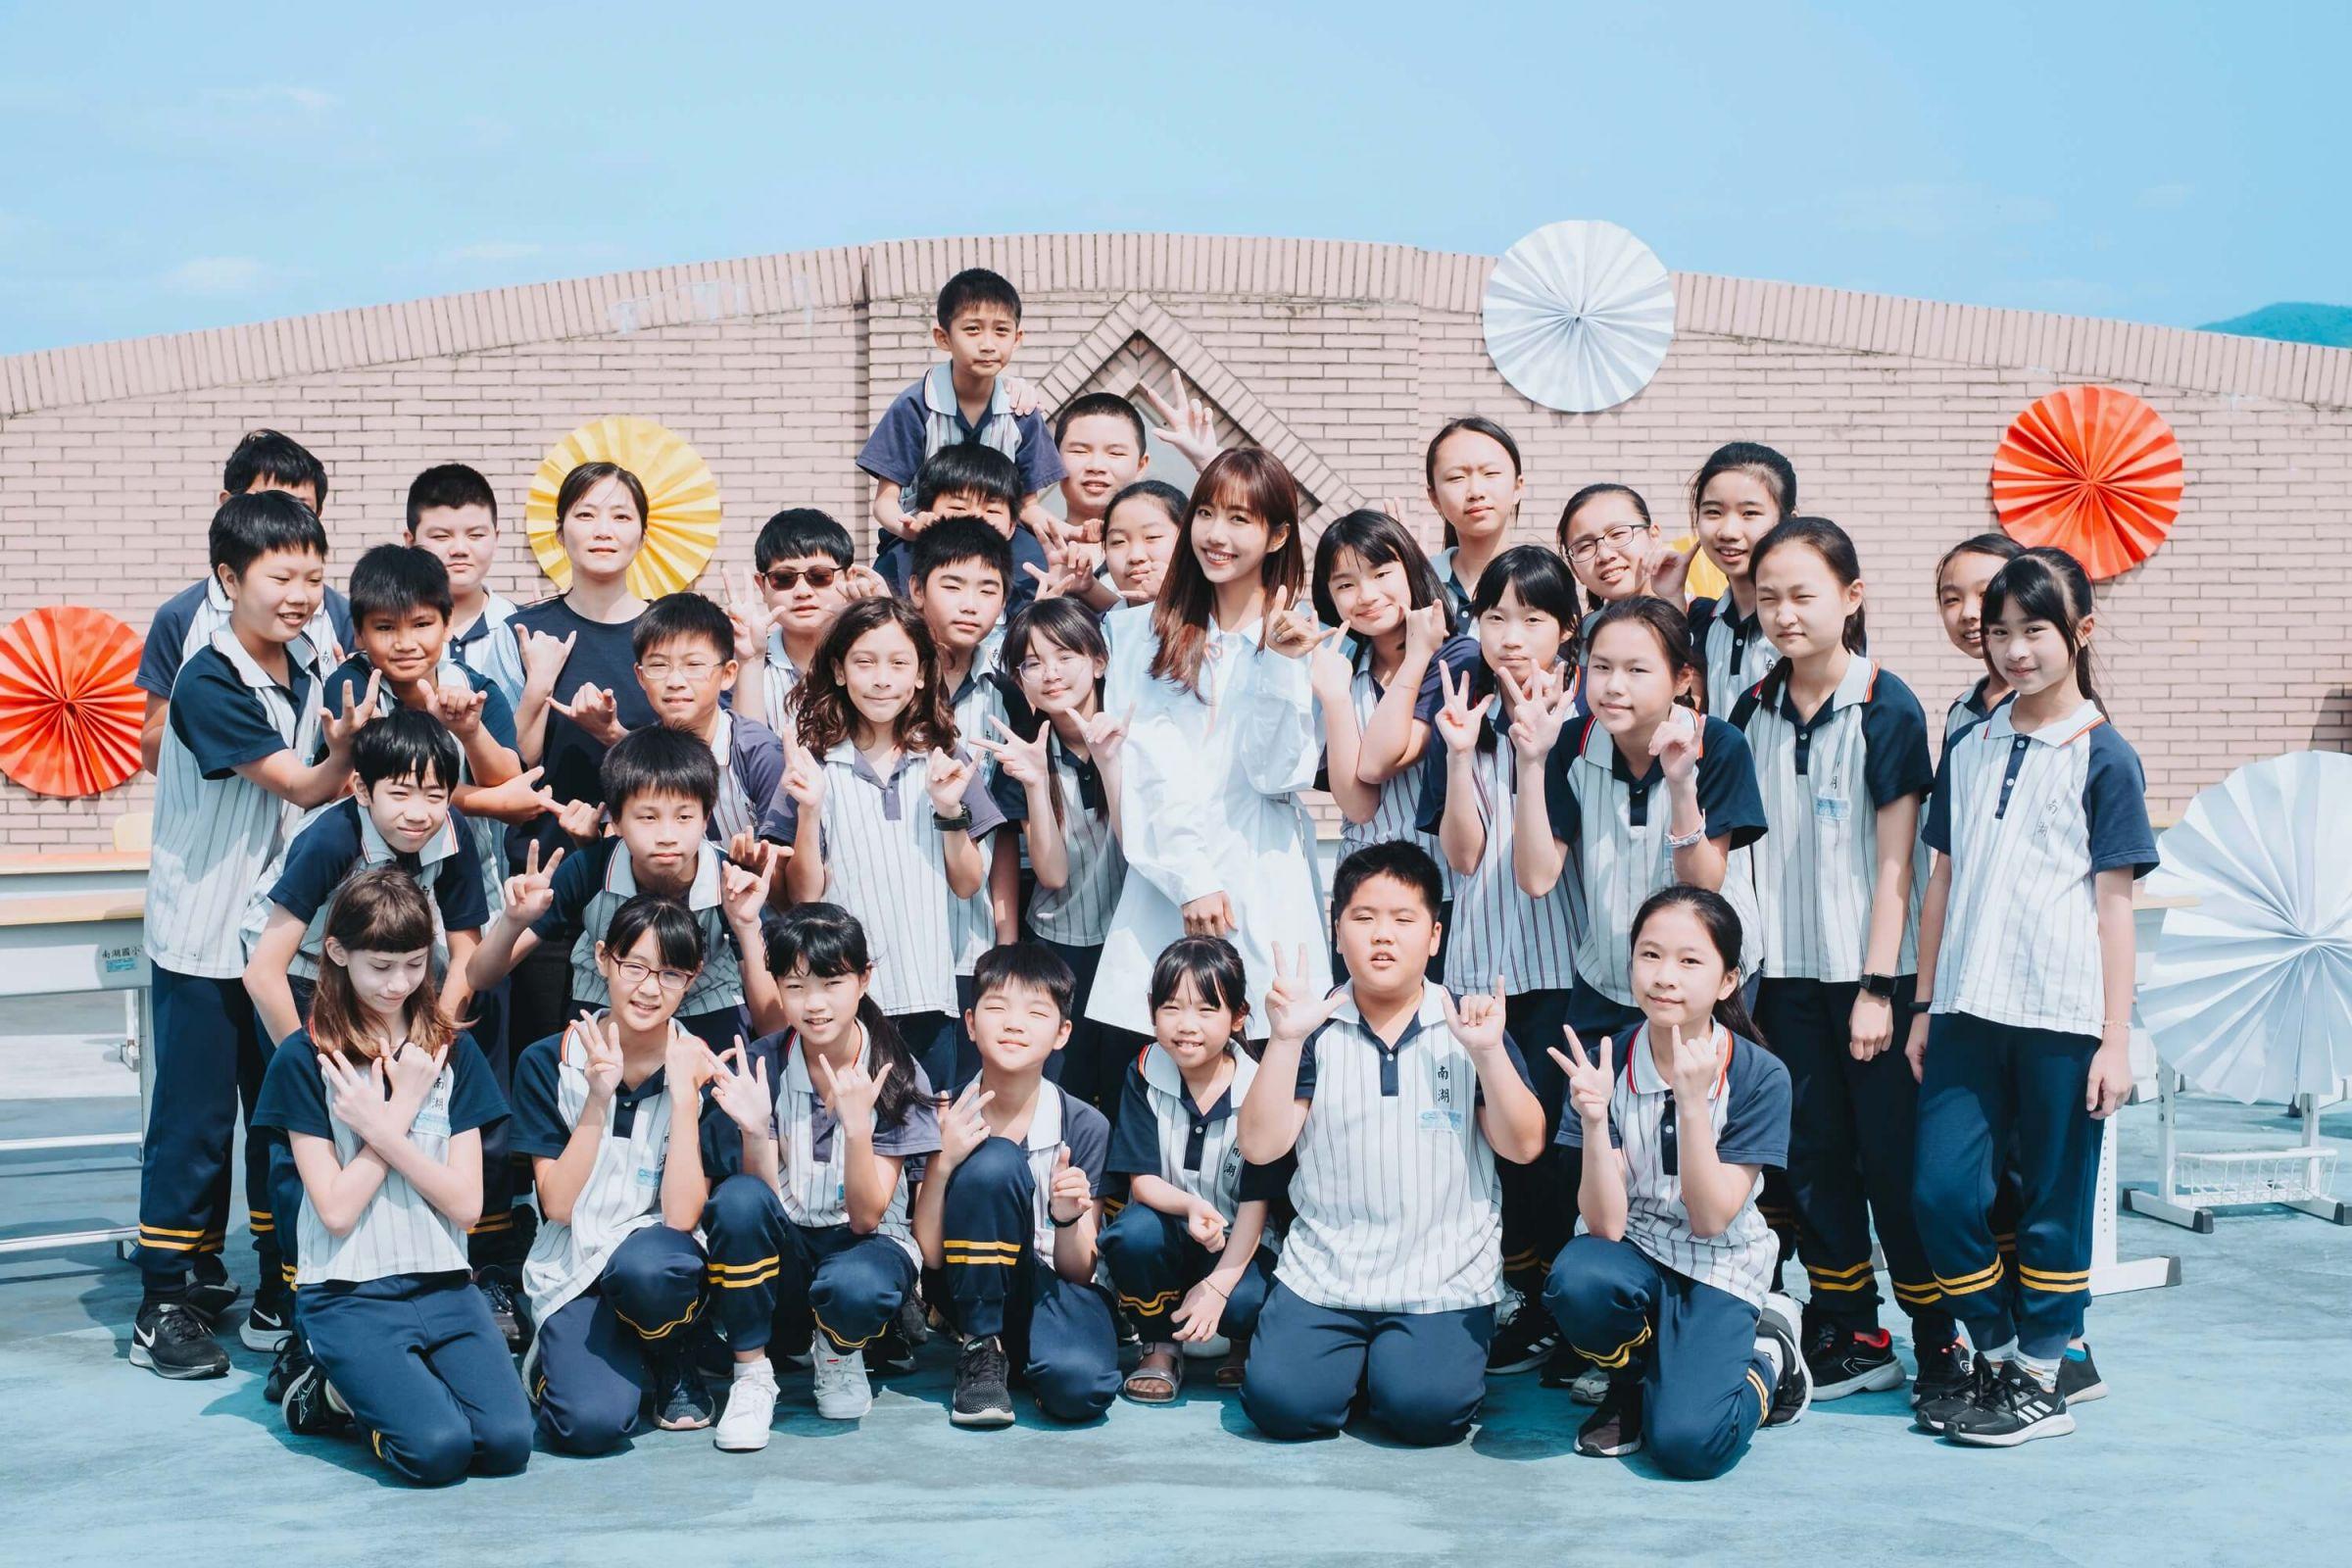 蔡佩軒重唱〈青春有你2021〉  邀黃氏兄弟留青春紀念!